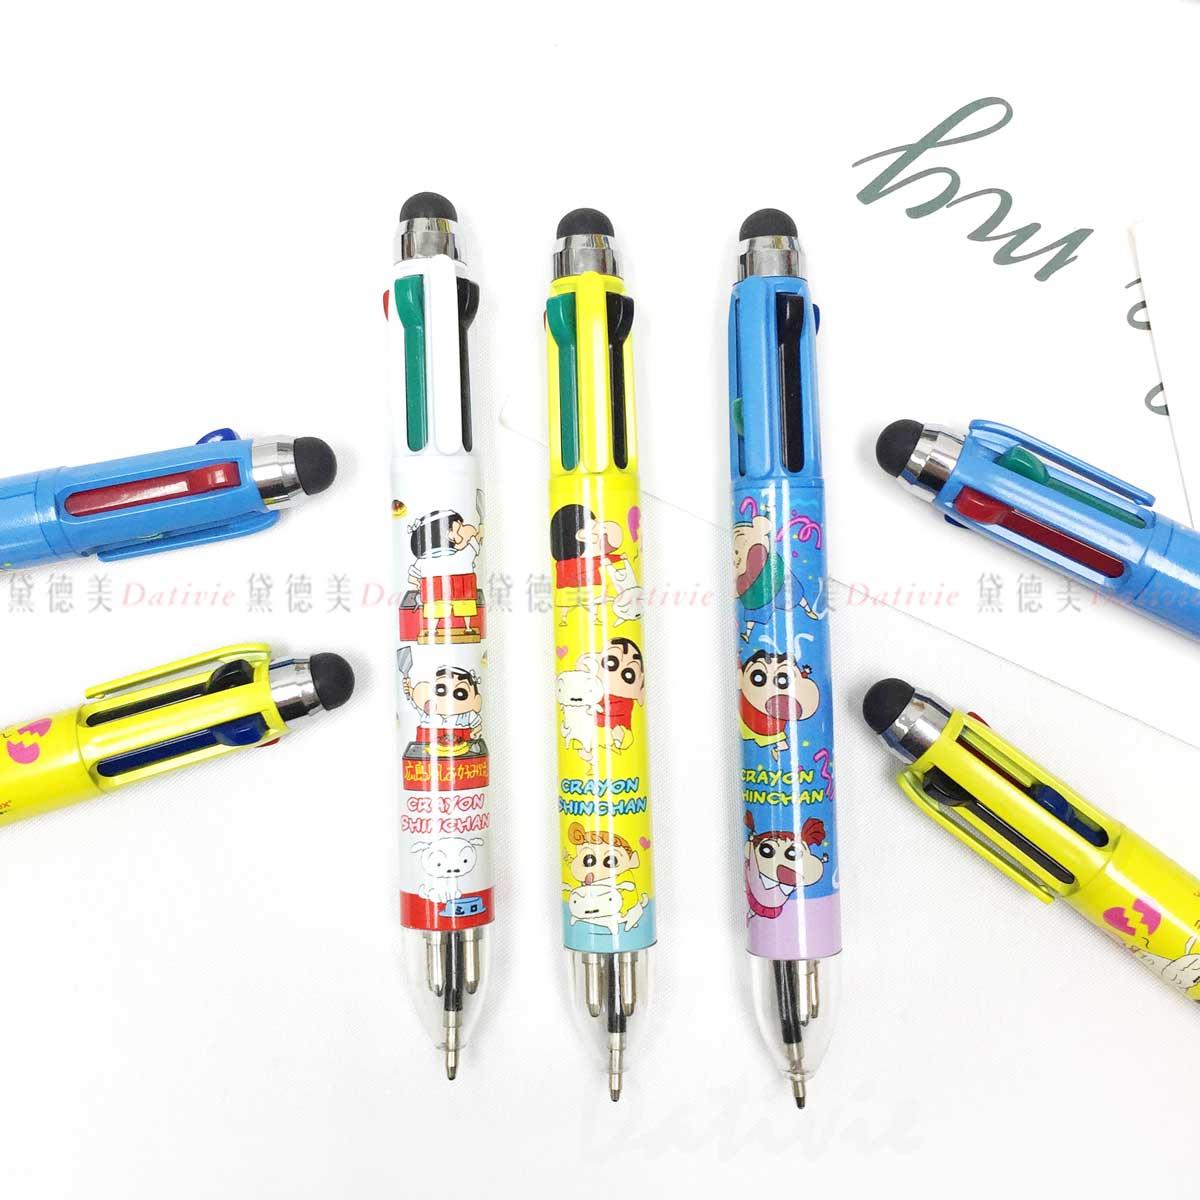 觸控三色自動原子筆 0.5mm-蠟筆小新 Crayon Shin Chain クレヨンしんちゃん 韓國進口正版授權